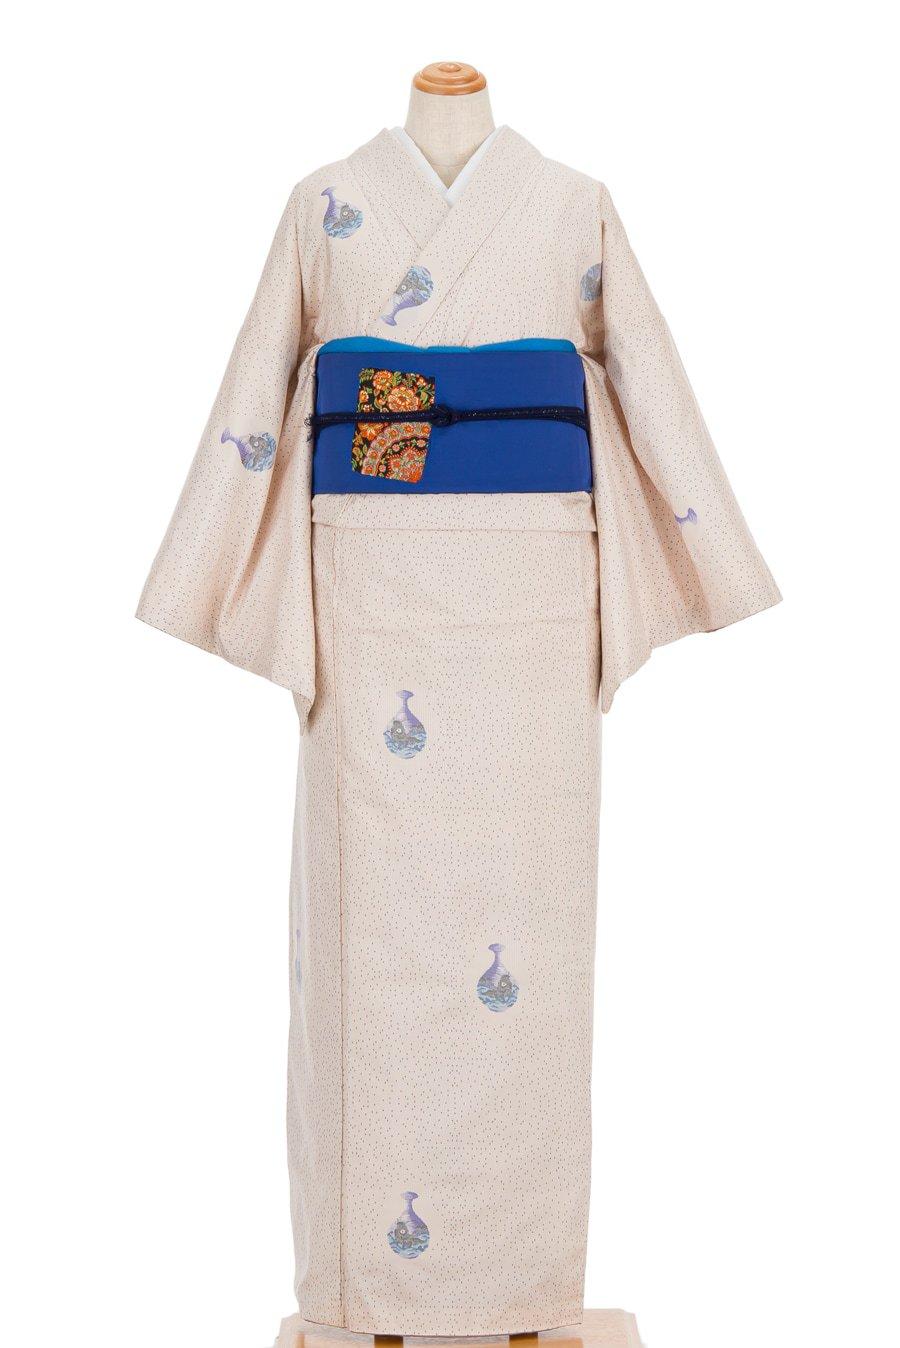 「白大島紬 壺の中の鯉 ゆったりサイズ」の商品画像